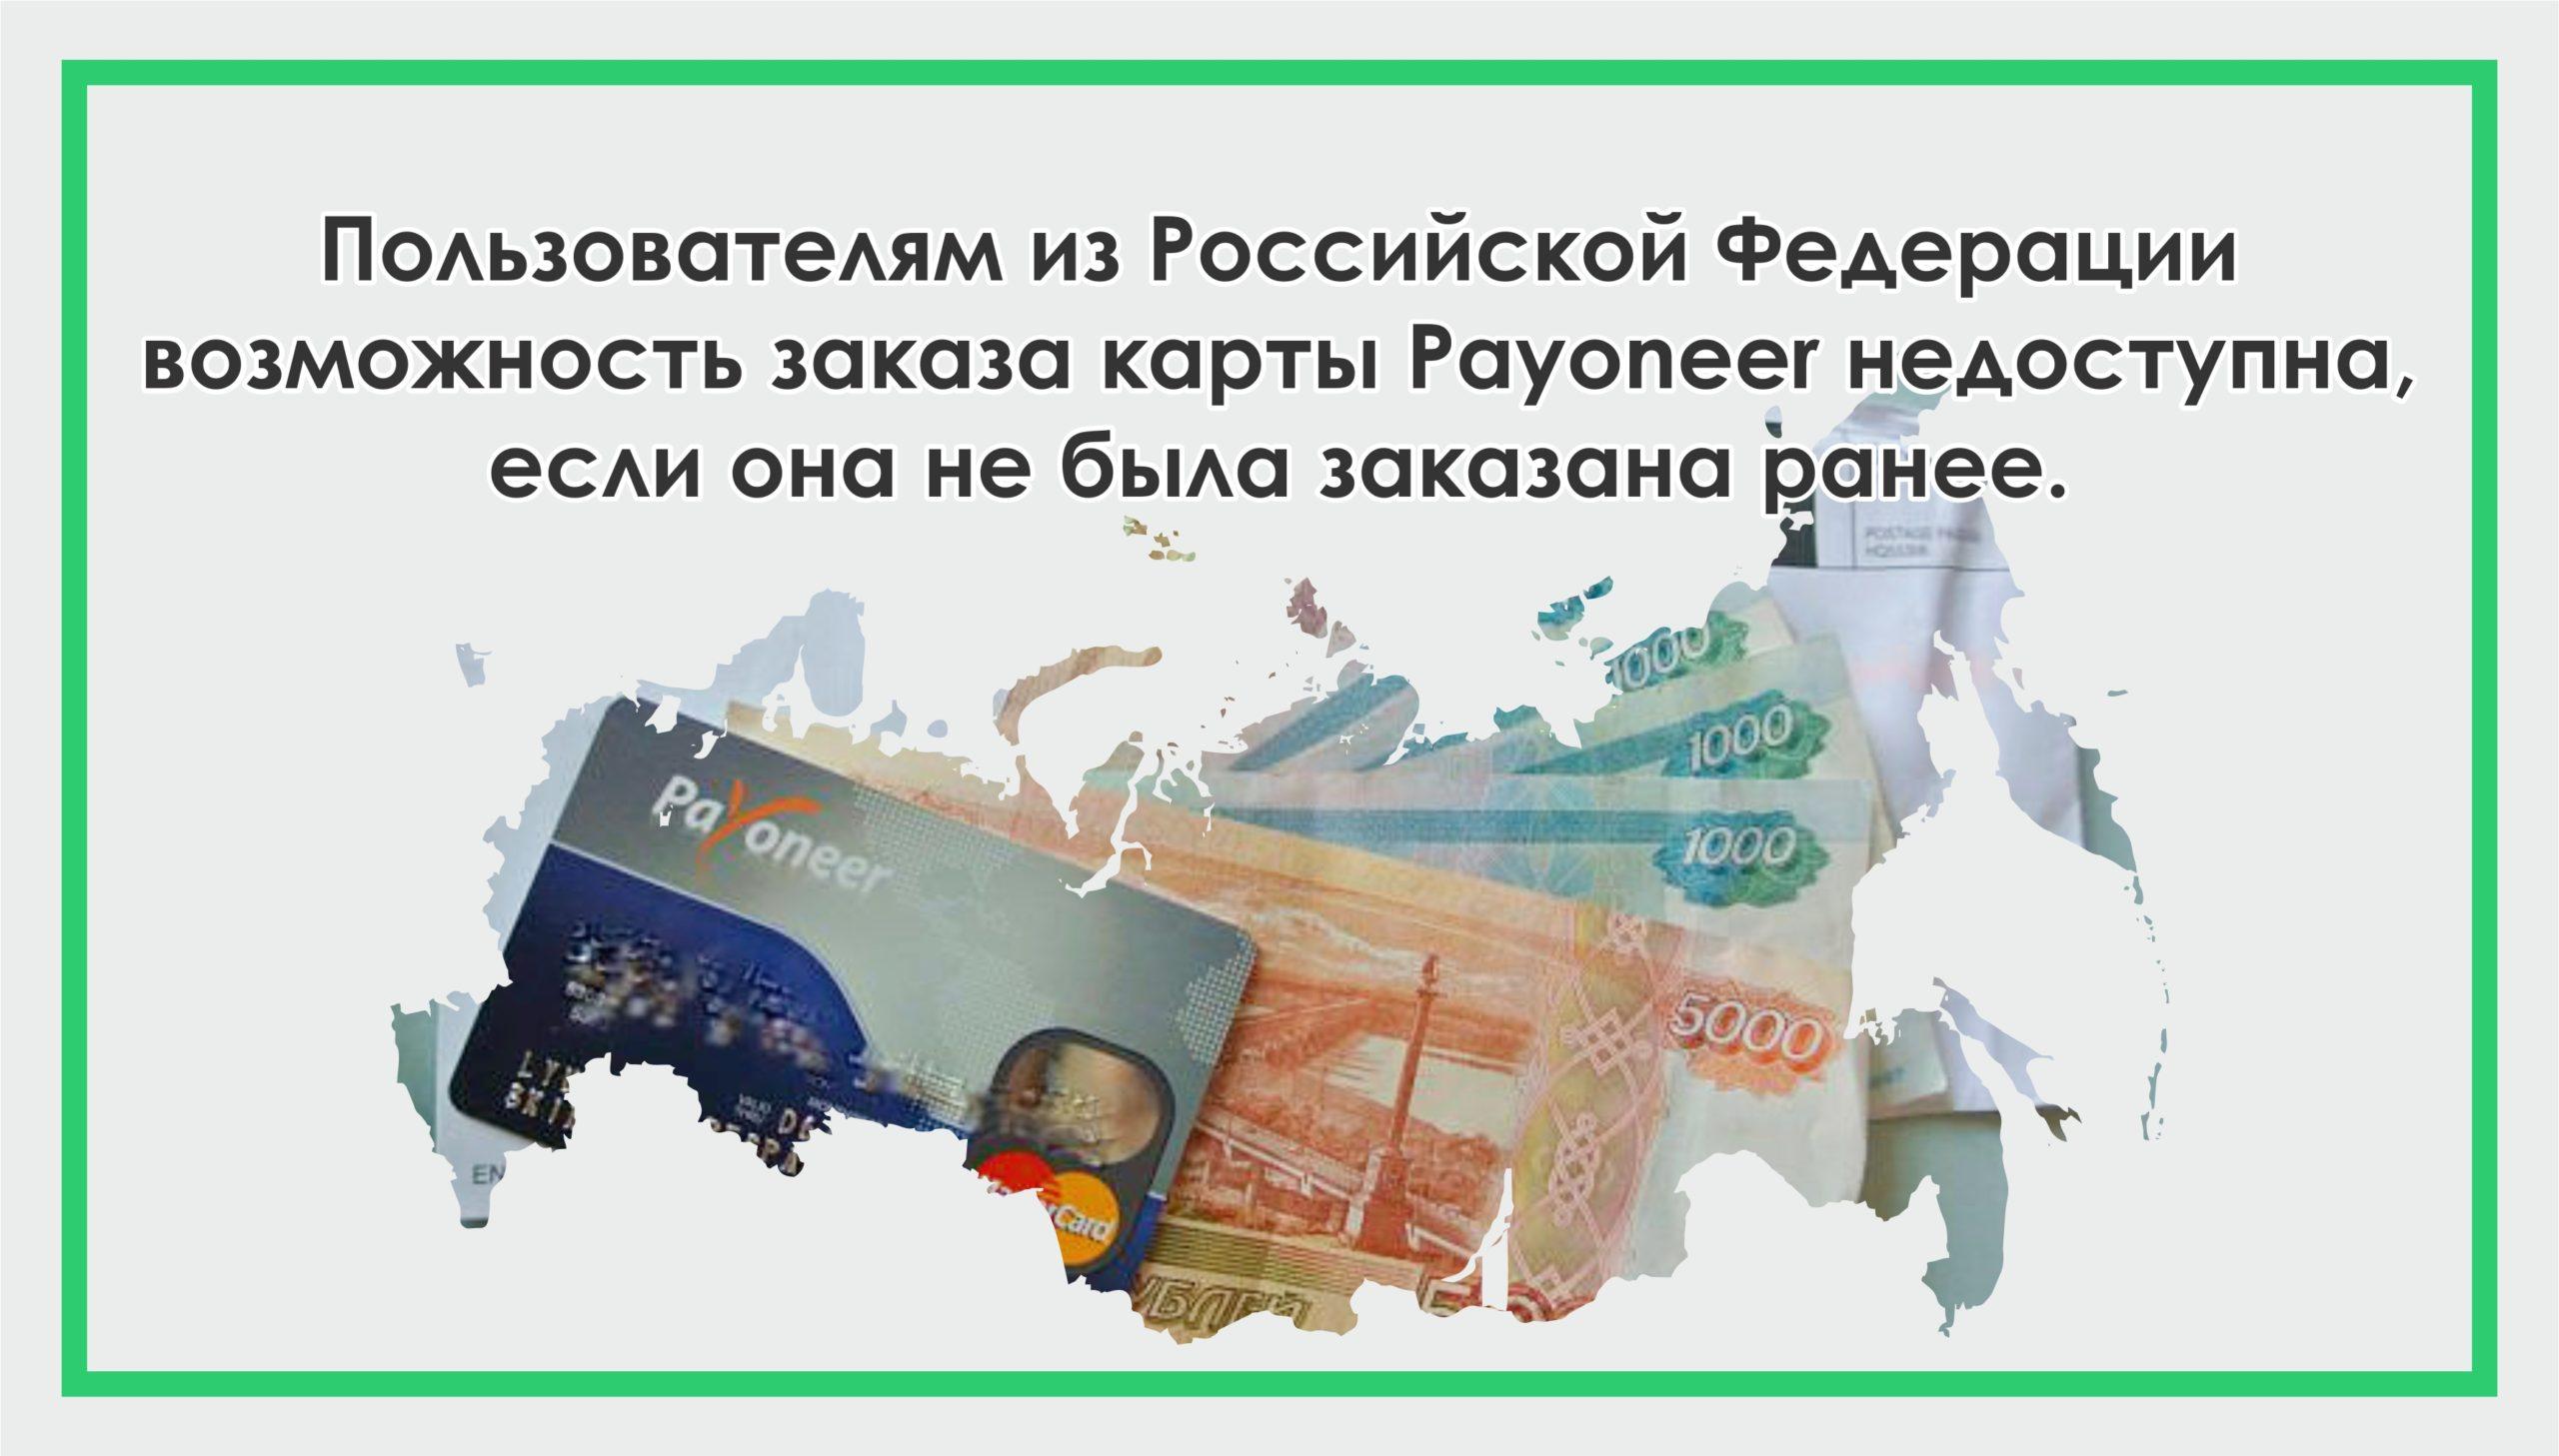 Payoner не выдает карты жителям России фото